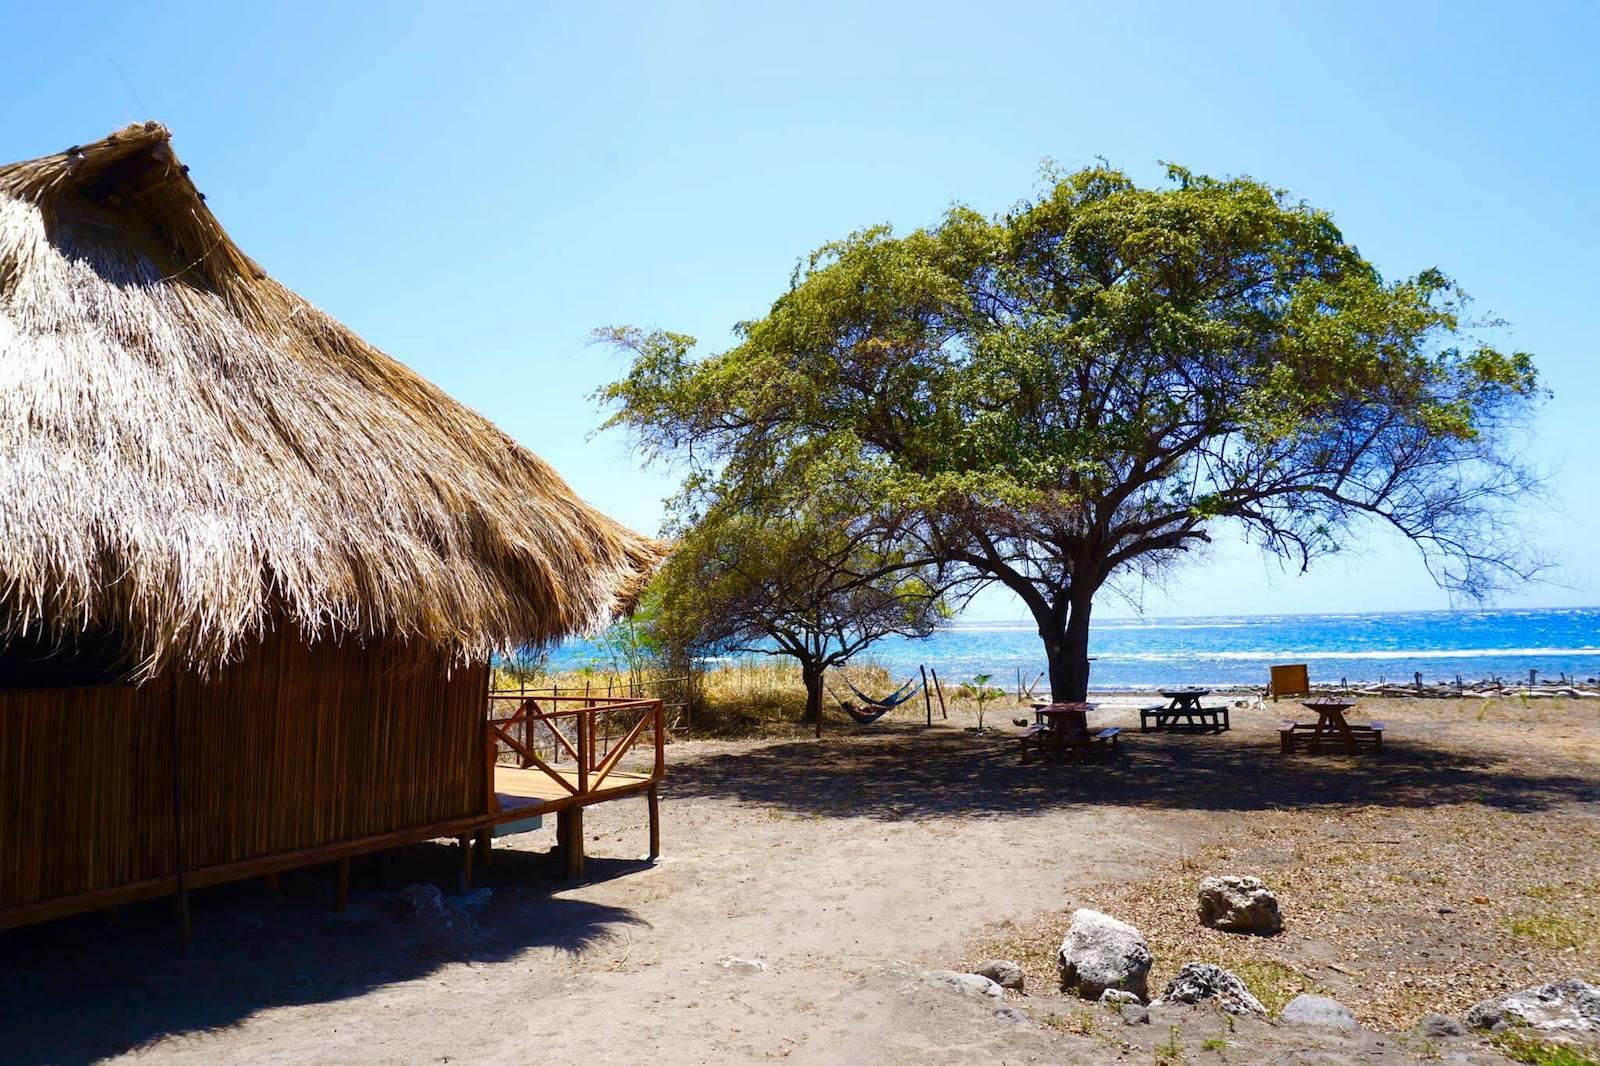 Alojamientos Timor Oriental: dónde dormir en la joya del sudeste asiático